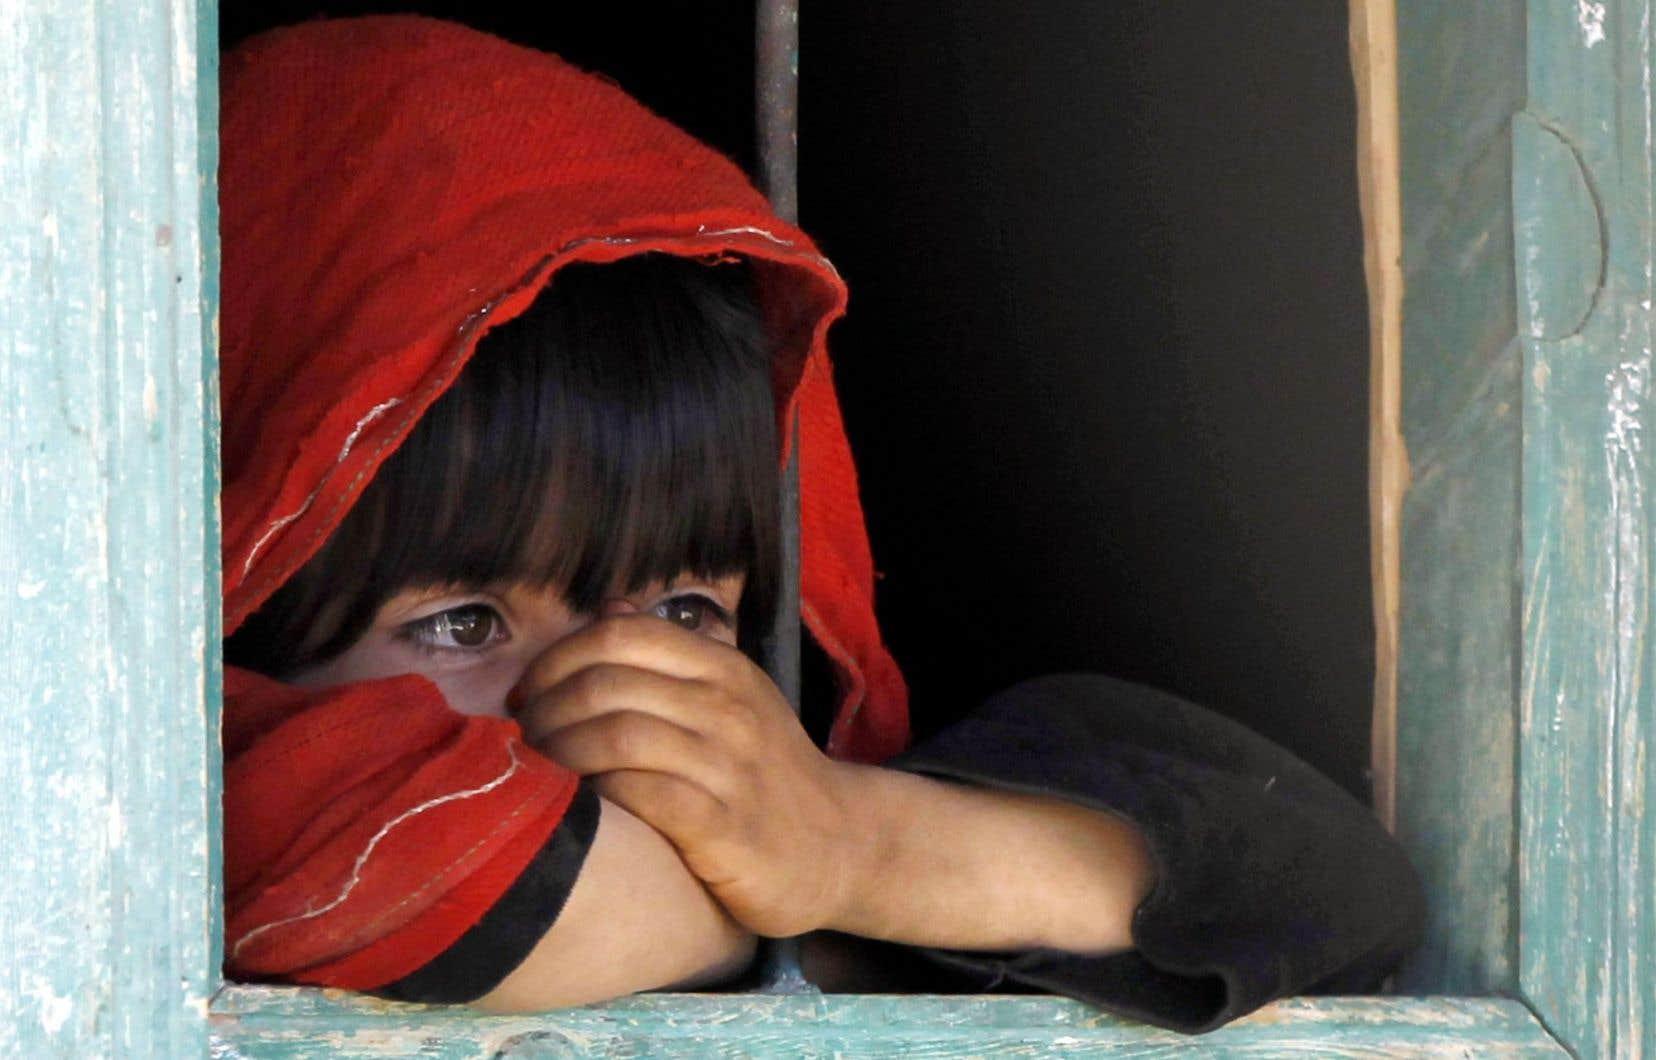 Le roman de Sylvie Germain s'ouvre sur un tout petit enfant perdu, singulier, que l'on verra grandir.